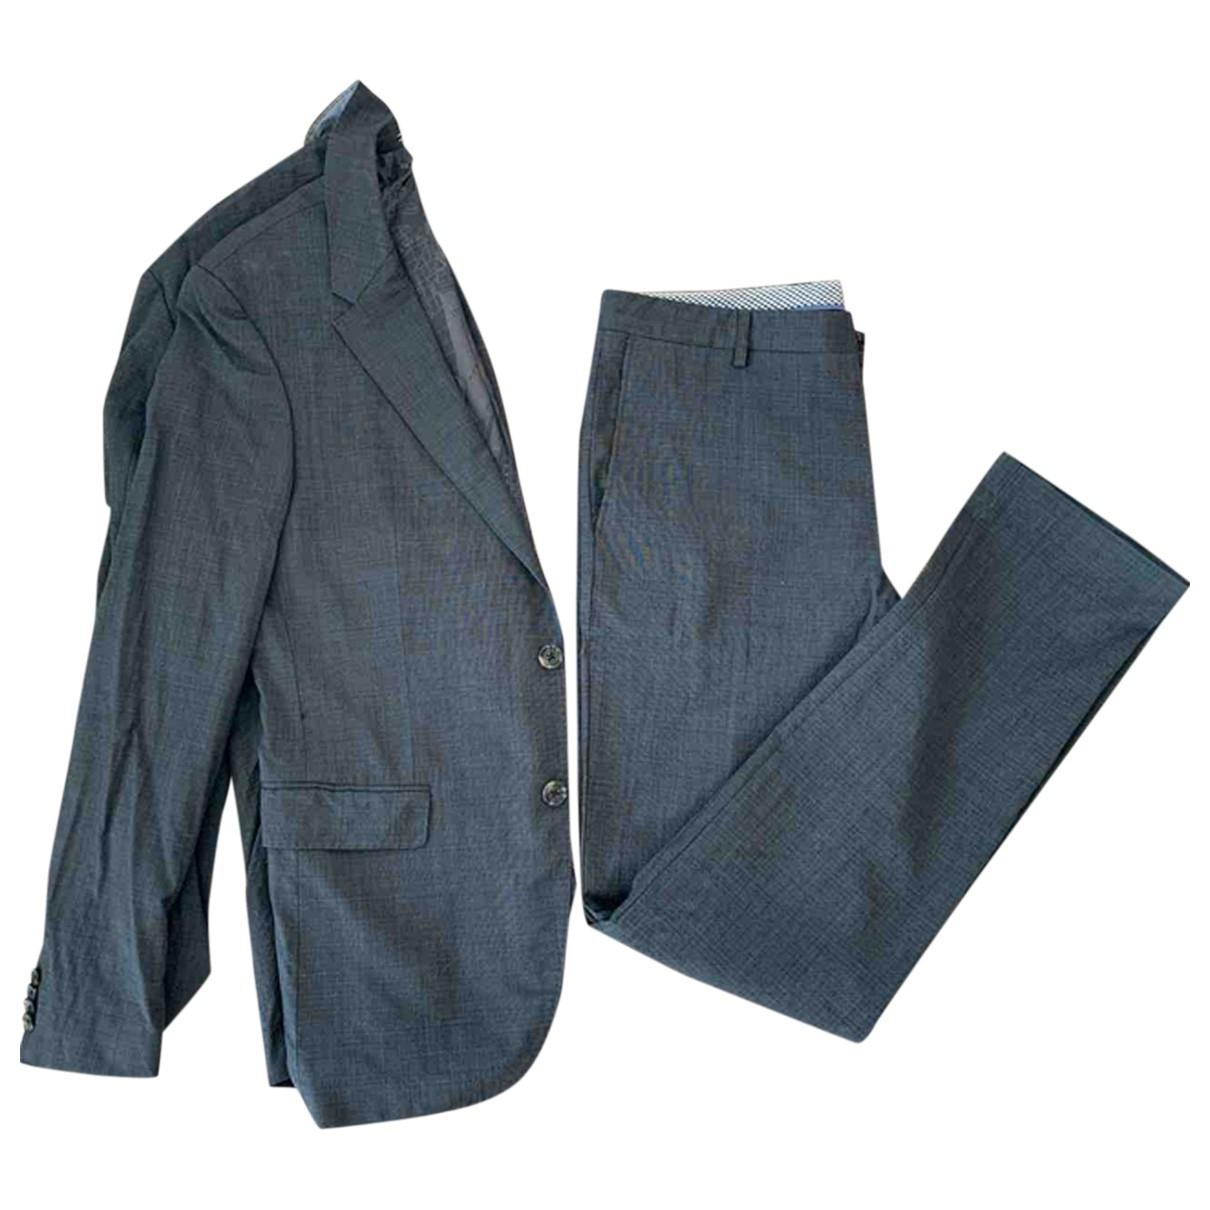 Tommy Hilfiger - Costumes   pour homme - gris